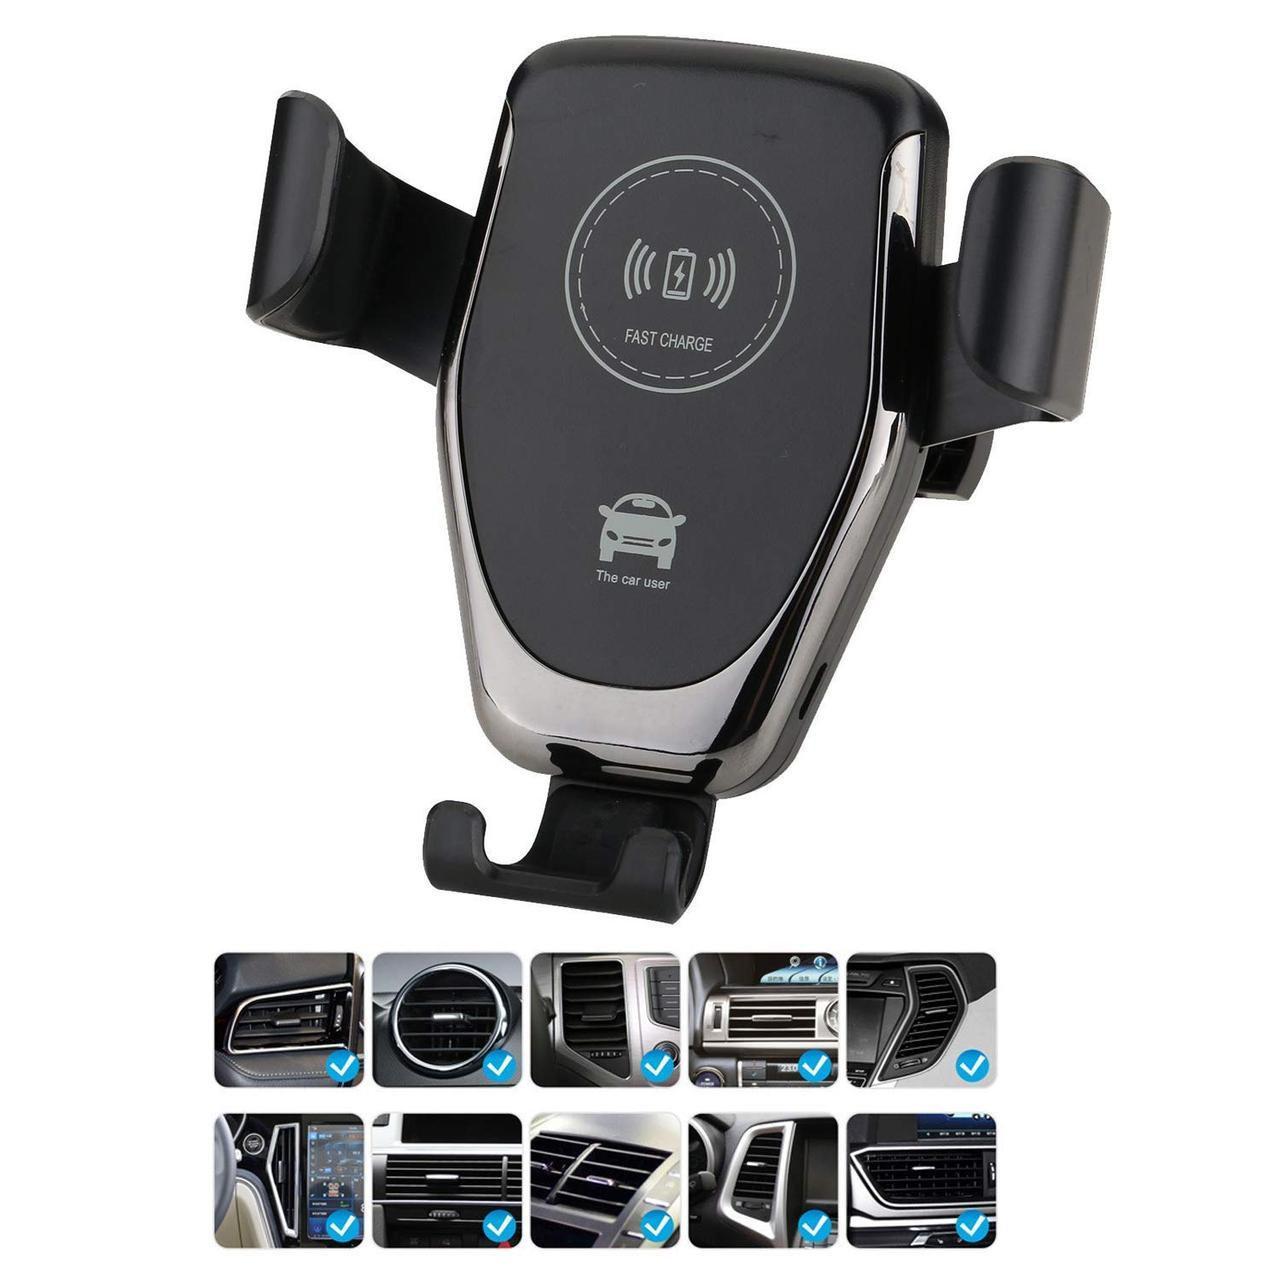 Держатель для мобильного телефона с беспроводной зарядкой HZ HWC1 на воздуховод и торпедо (5371) #S/O